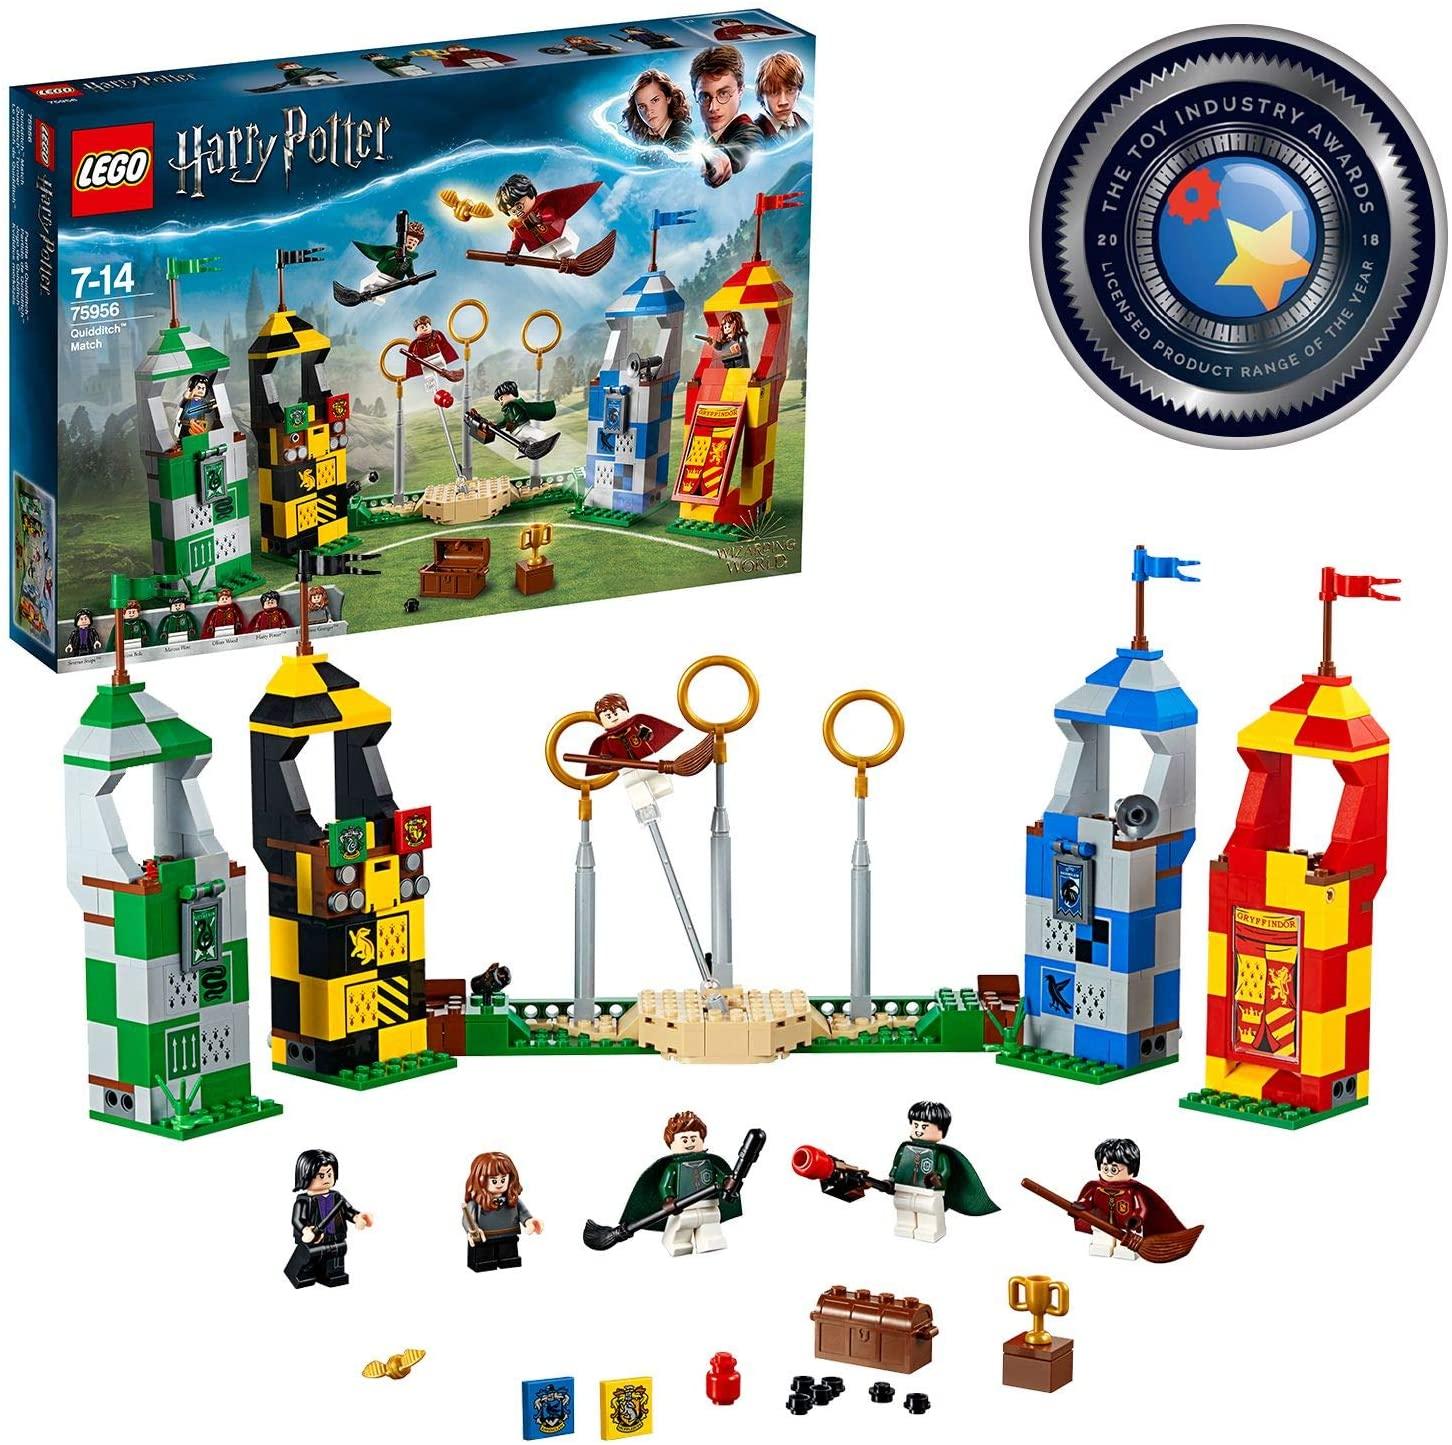 Code promo Cdiscount : -20% sur une sélection de LEGO Star Wars, Technic, Ninjago, City, Avengers, Friends et Harry Potter